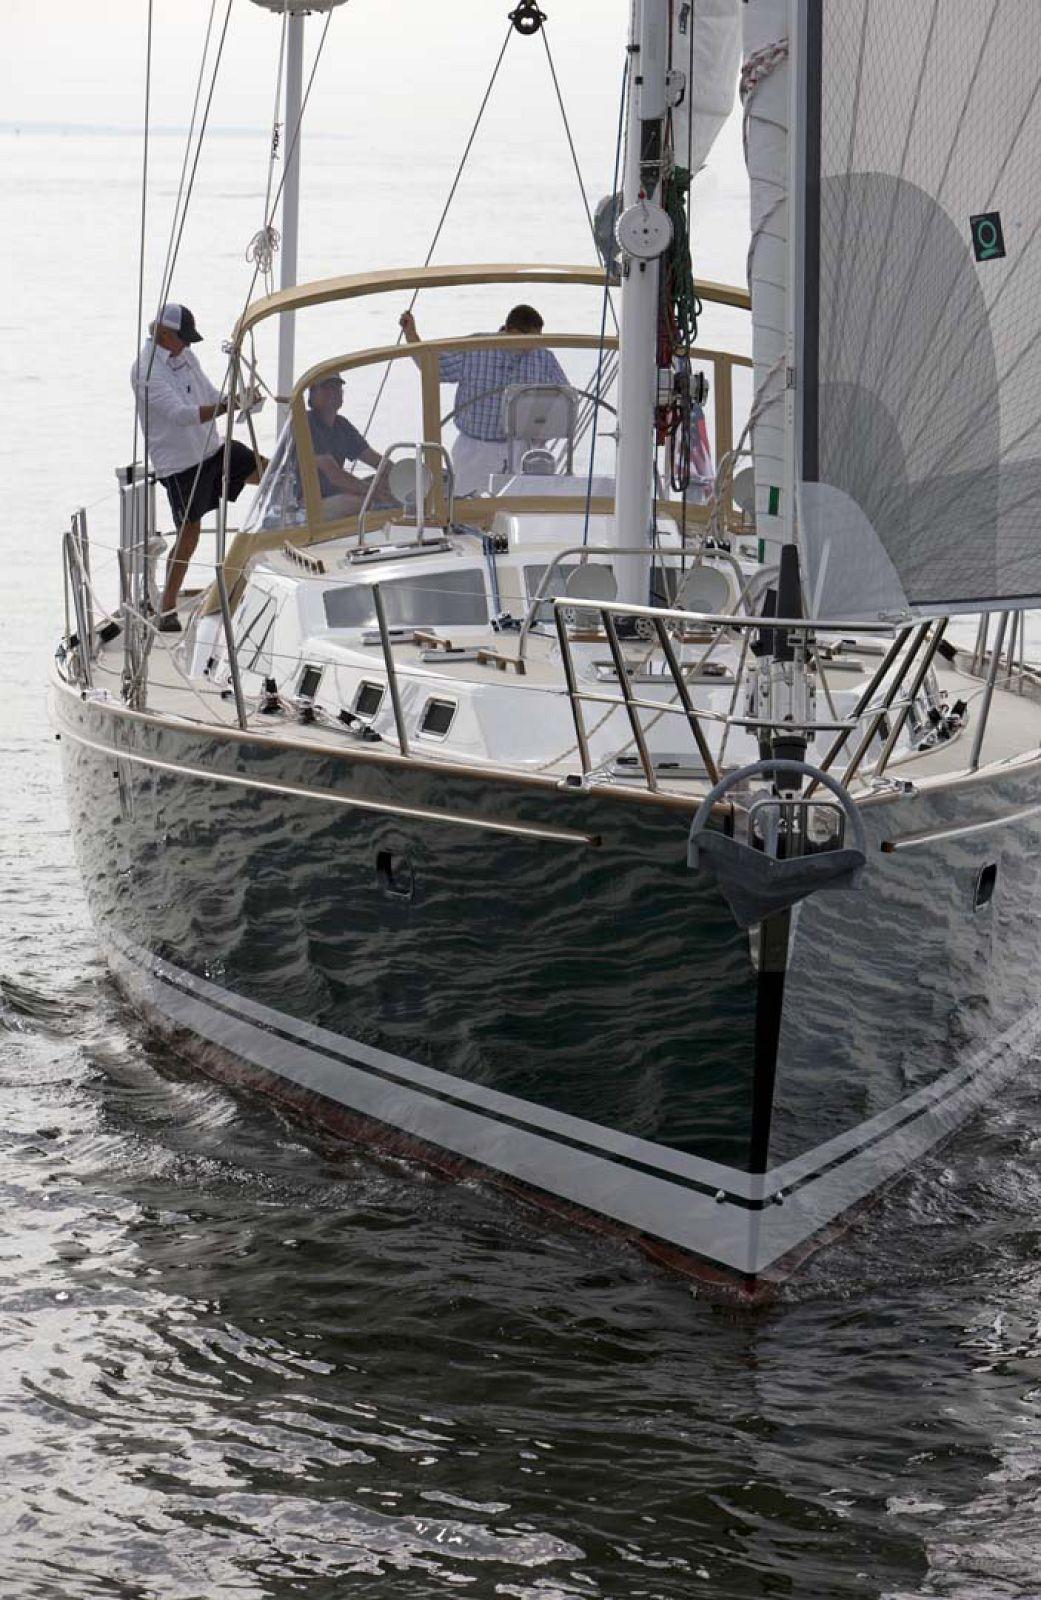 Tartan-Yachts-5300-Sailboat-Front